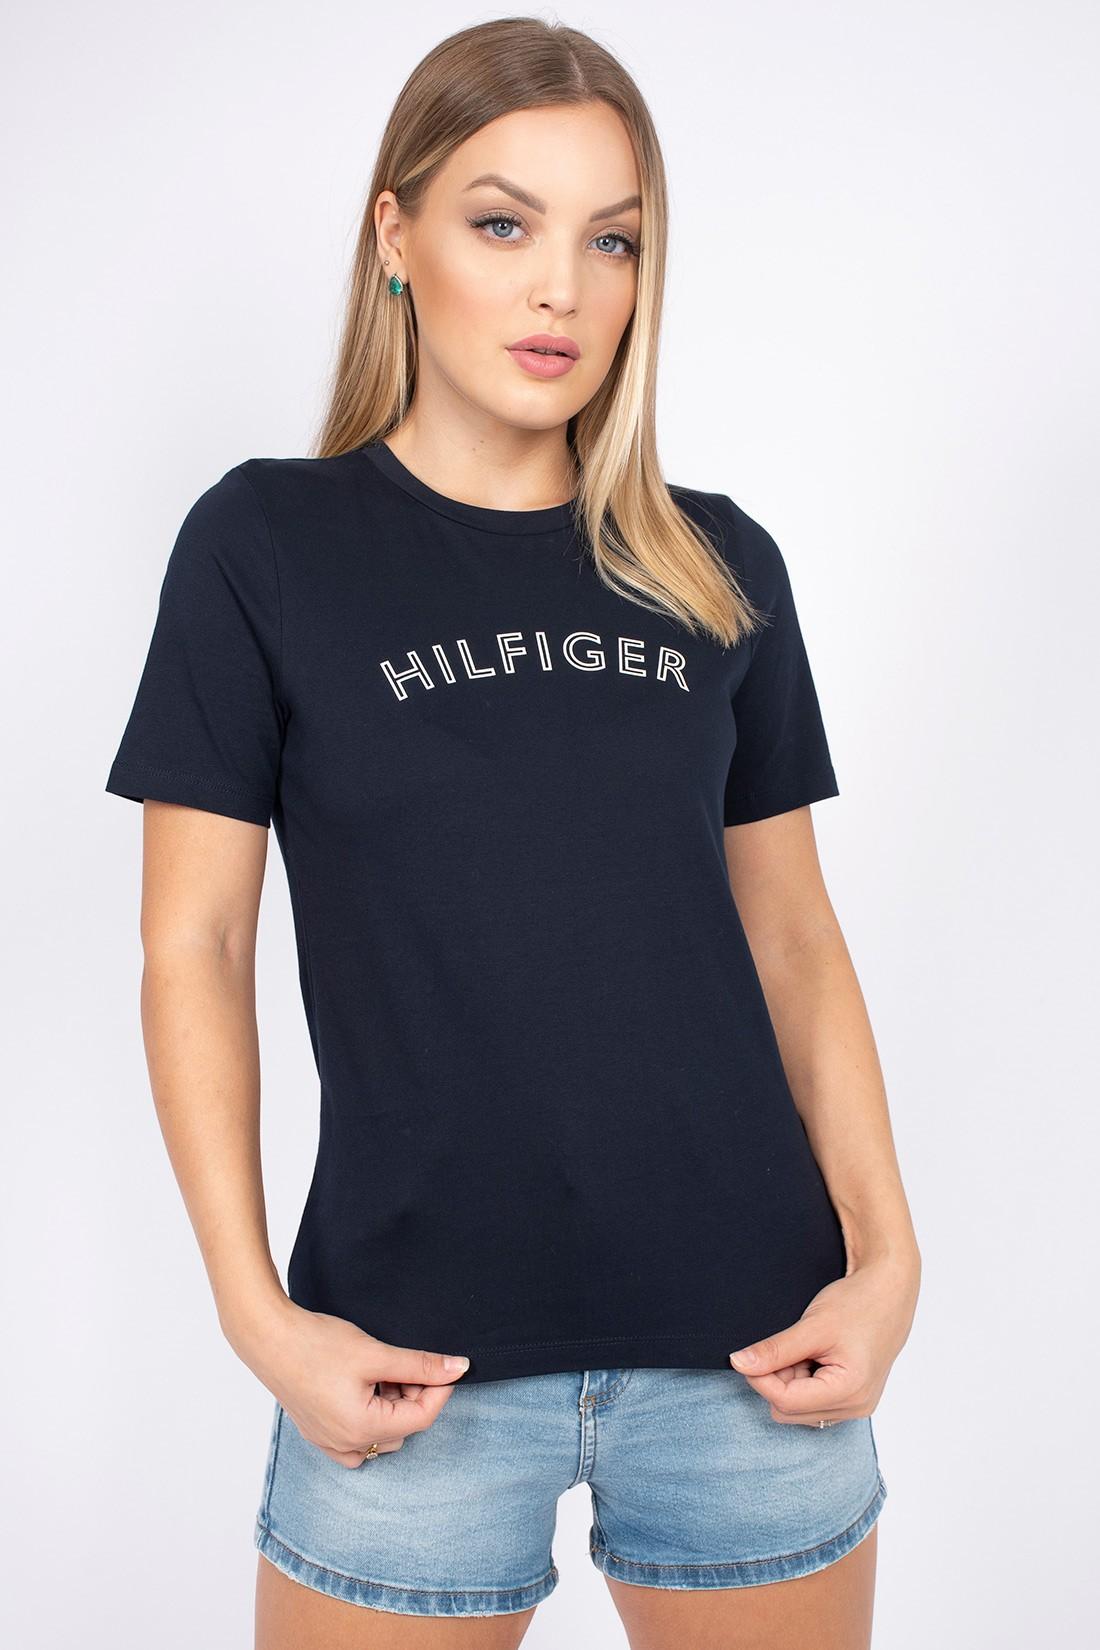 T Shirt Tommy Hilfiger Outline